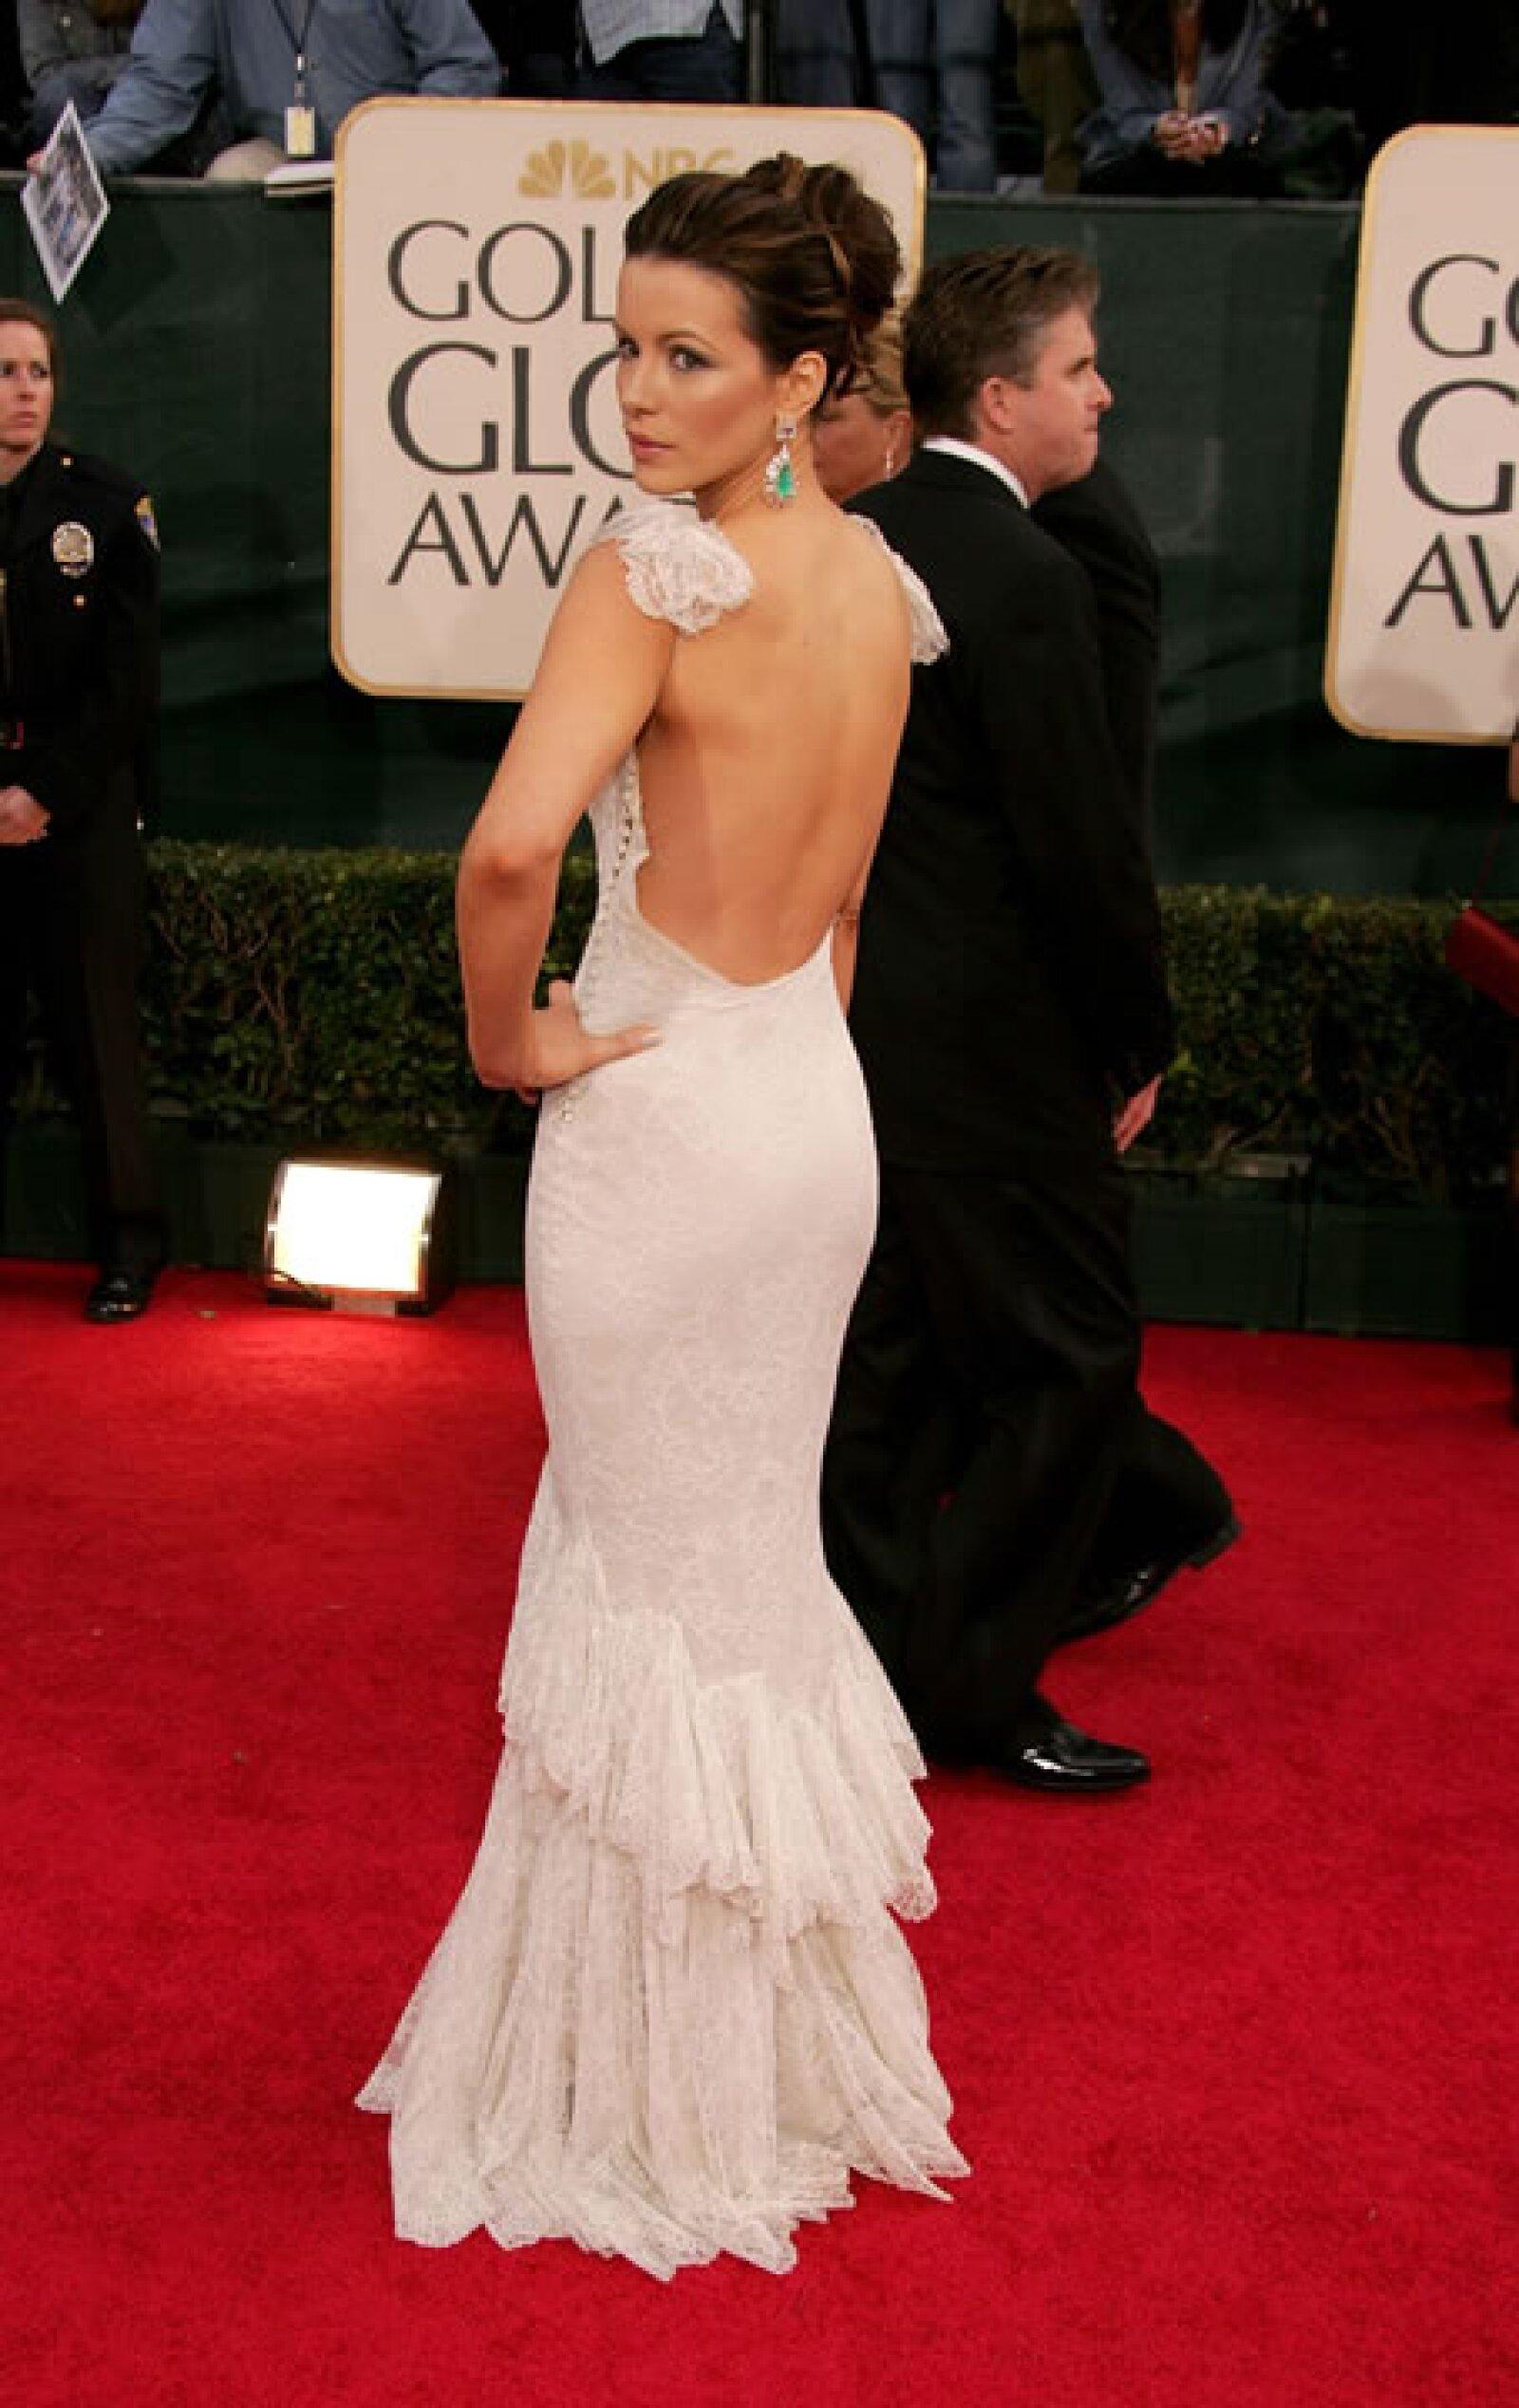 Nos encanta la espalda del vestido que lleva Kate Beckinsale.